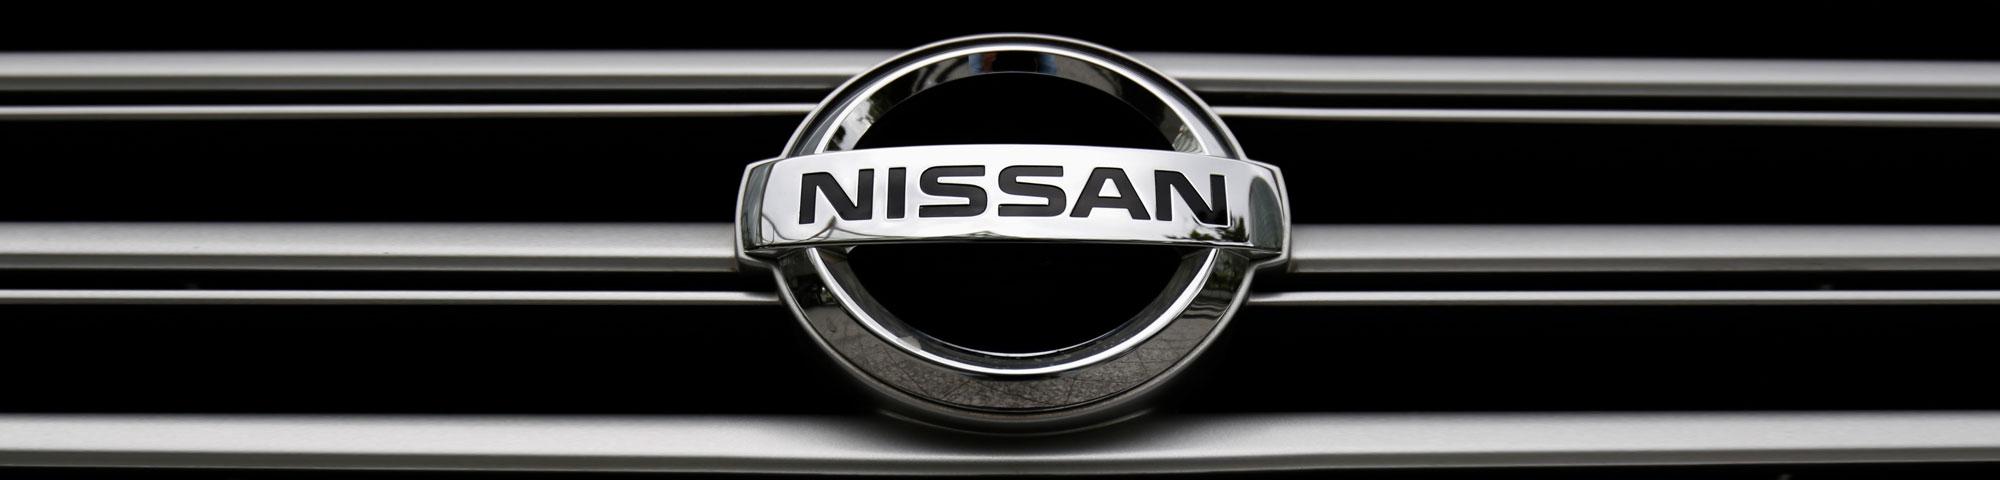 CLMS - Manufacturer - Nissan